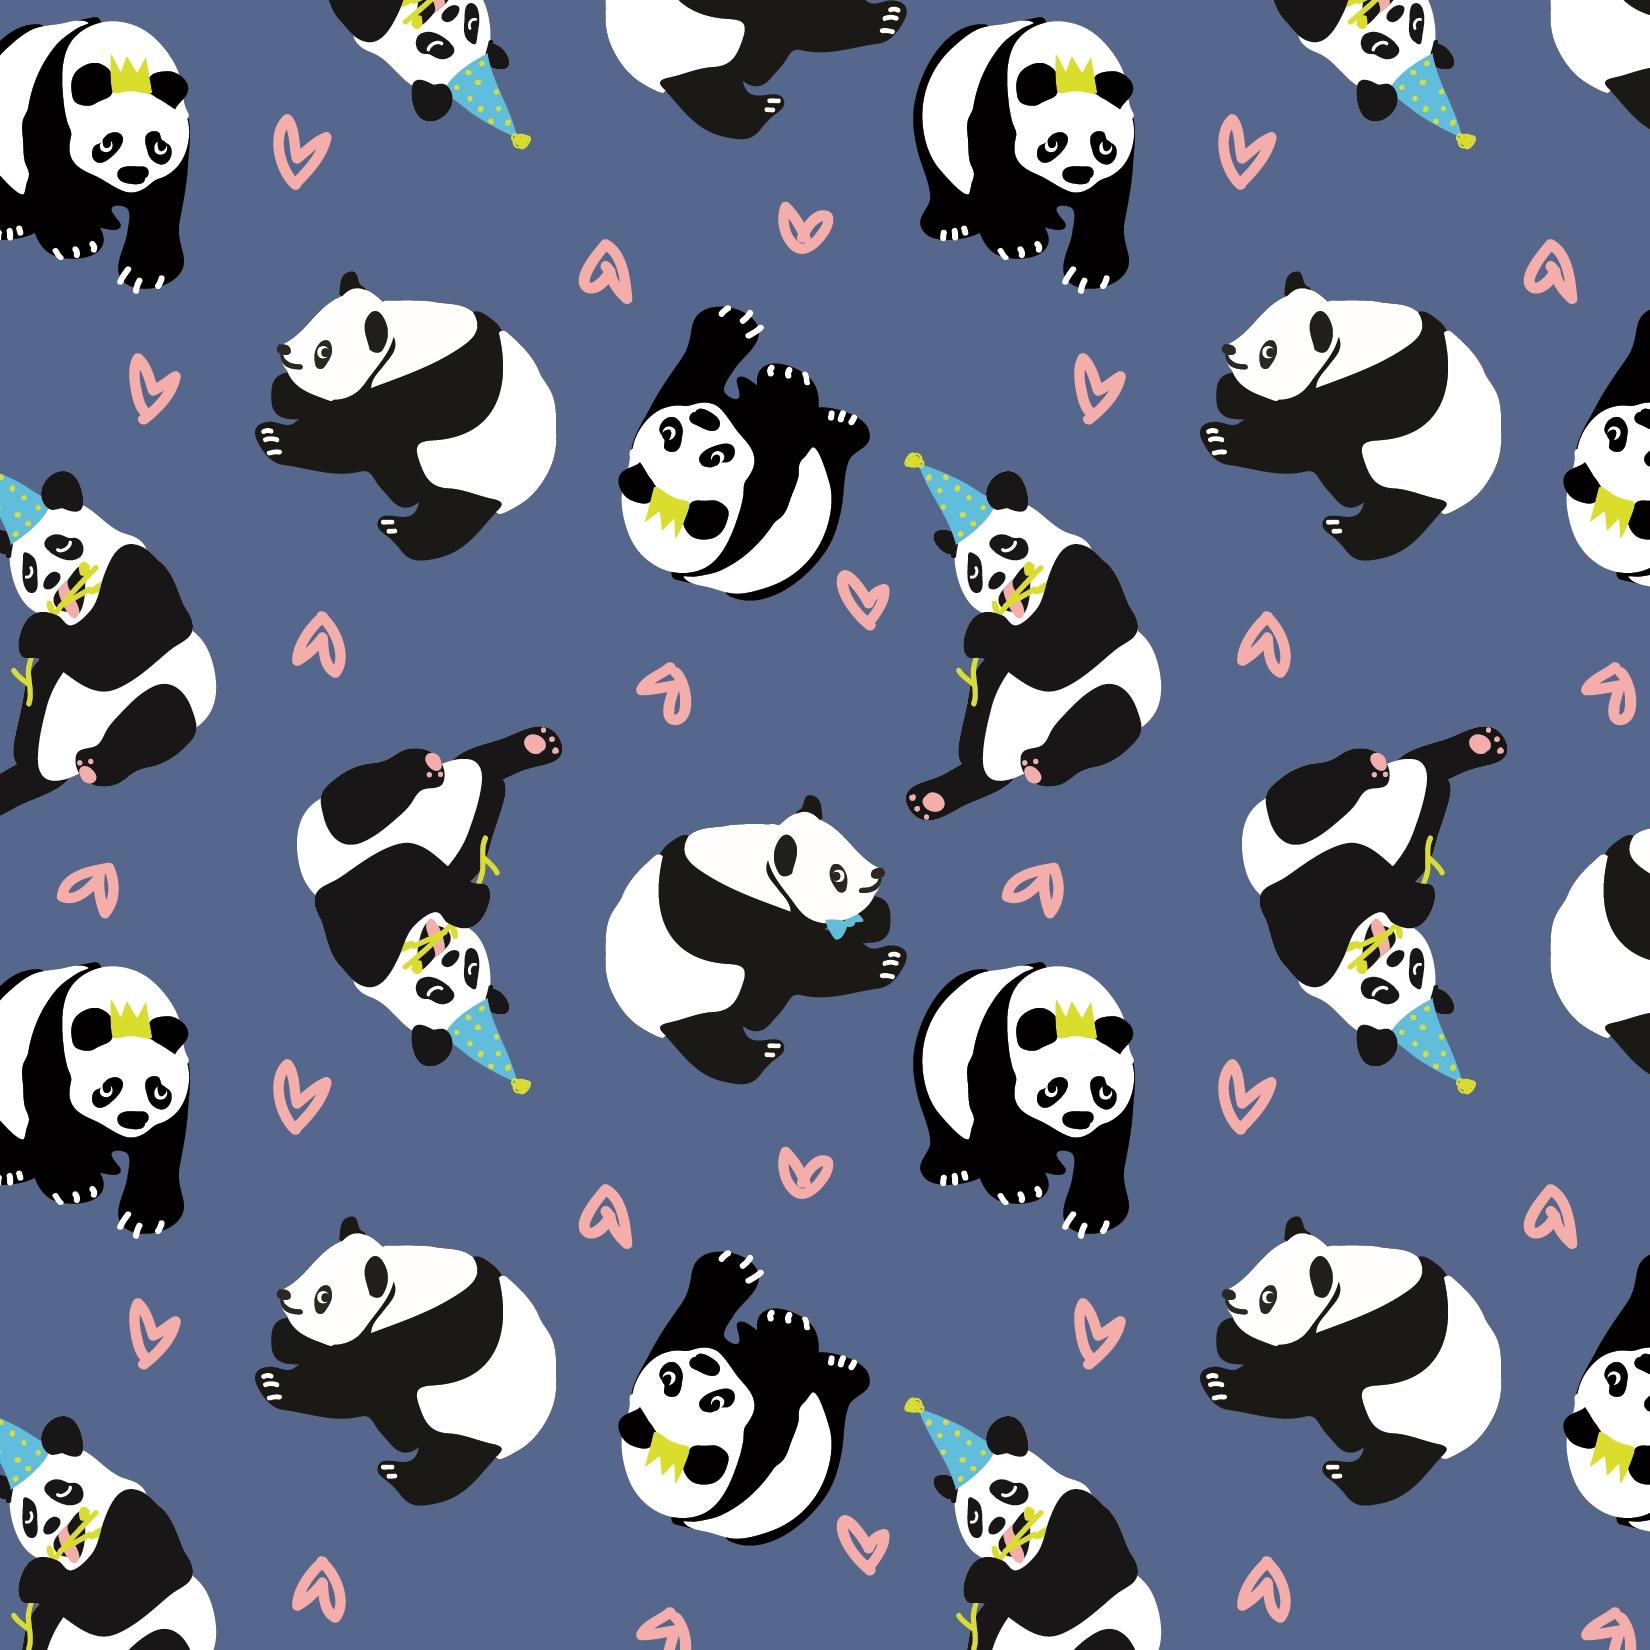 Panda Party-01.jpg